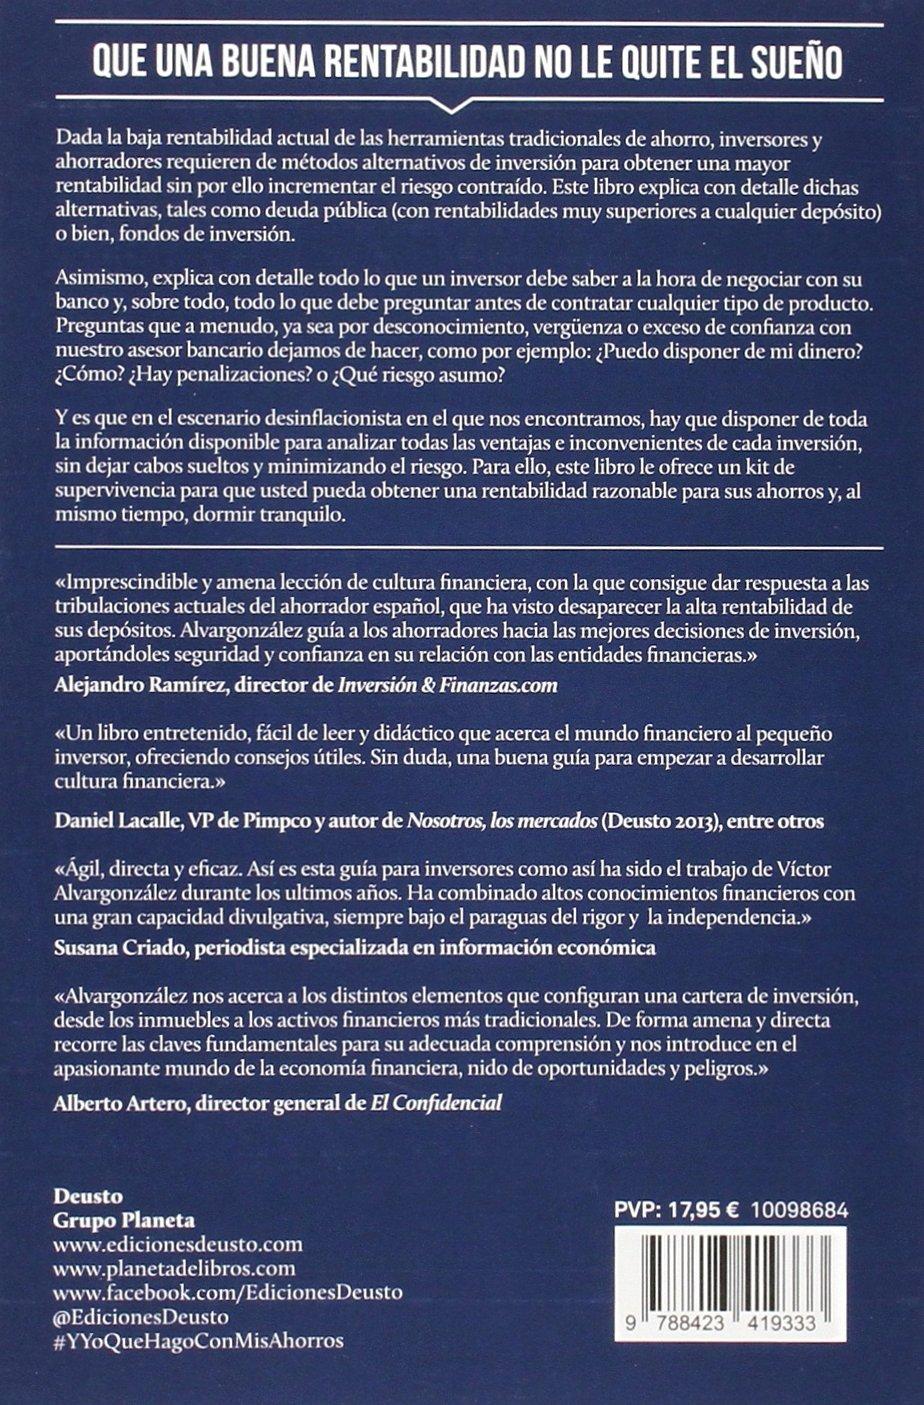 ¿Y yo, qué hago con mis ahorros? : trucos, claves y consejos para obtener la máxima rentabilidad con el menor riesgo: Víctor Alvargonzález Jorissen: ...